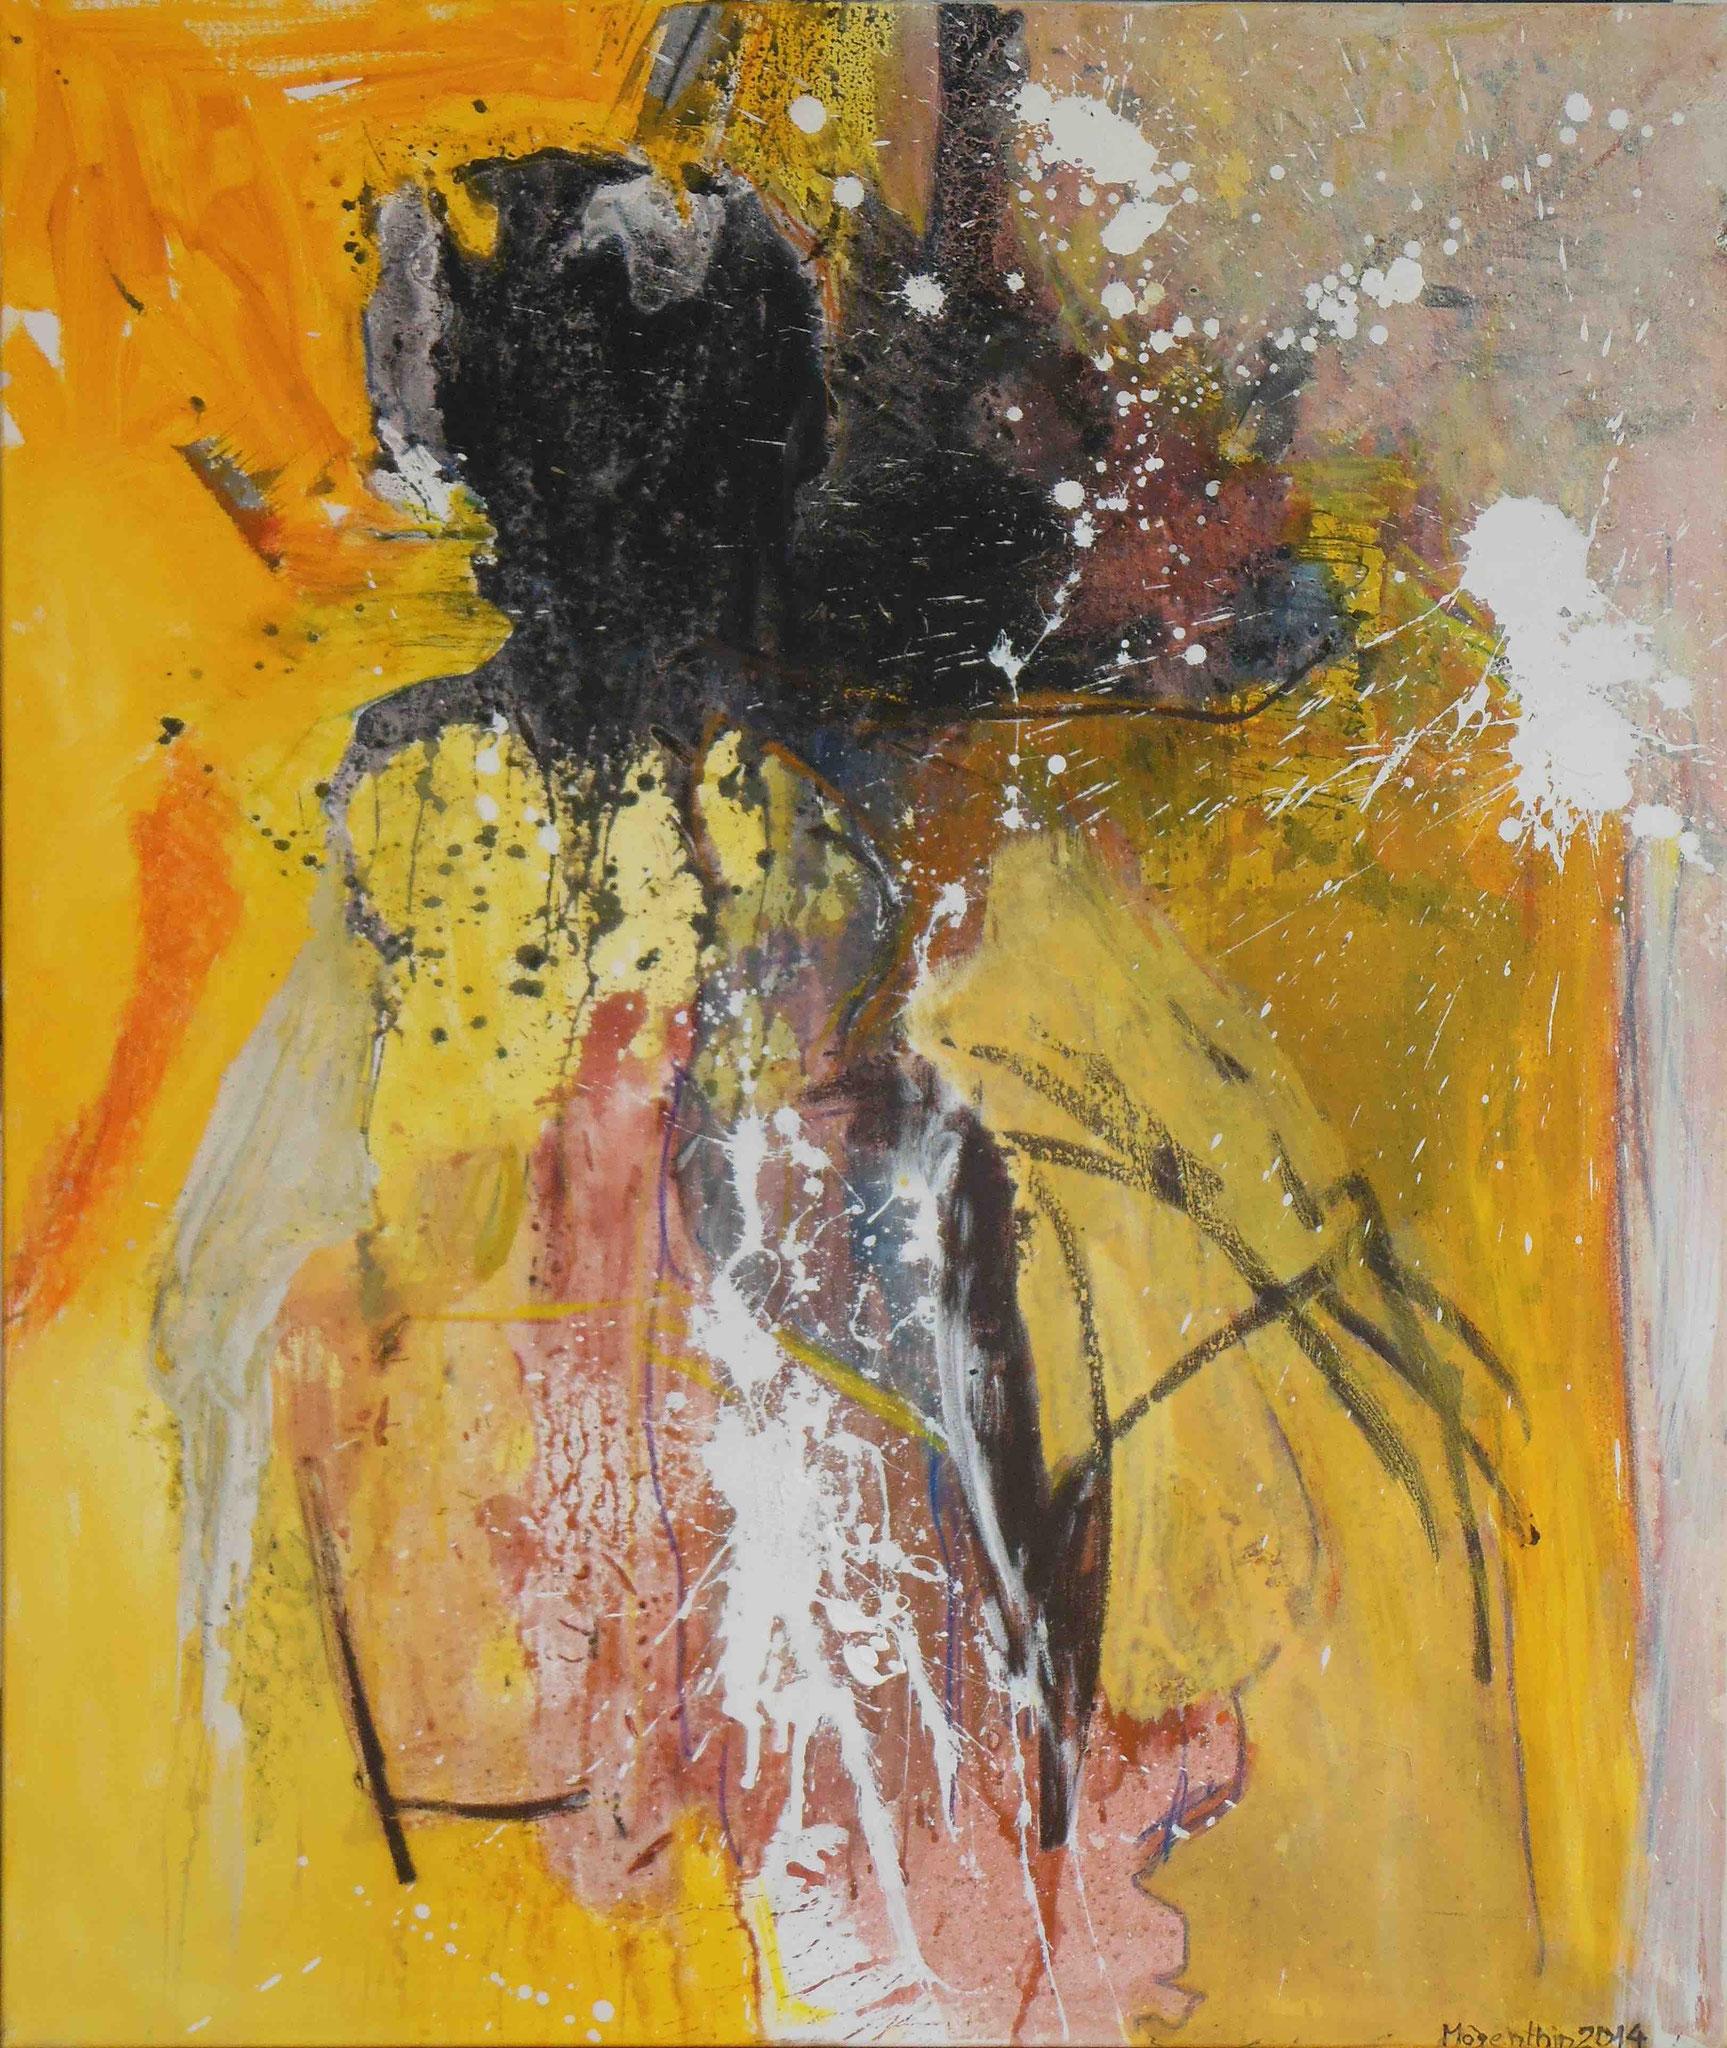 Das Leben geht weiter, 2014, 120x140cm, Mischtechnik / Leinwand